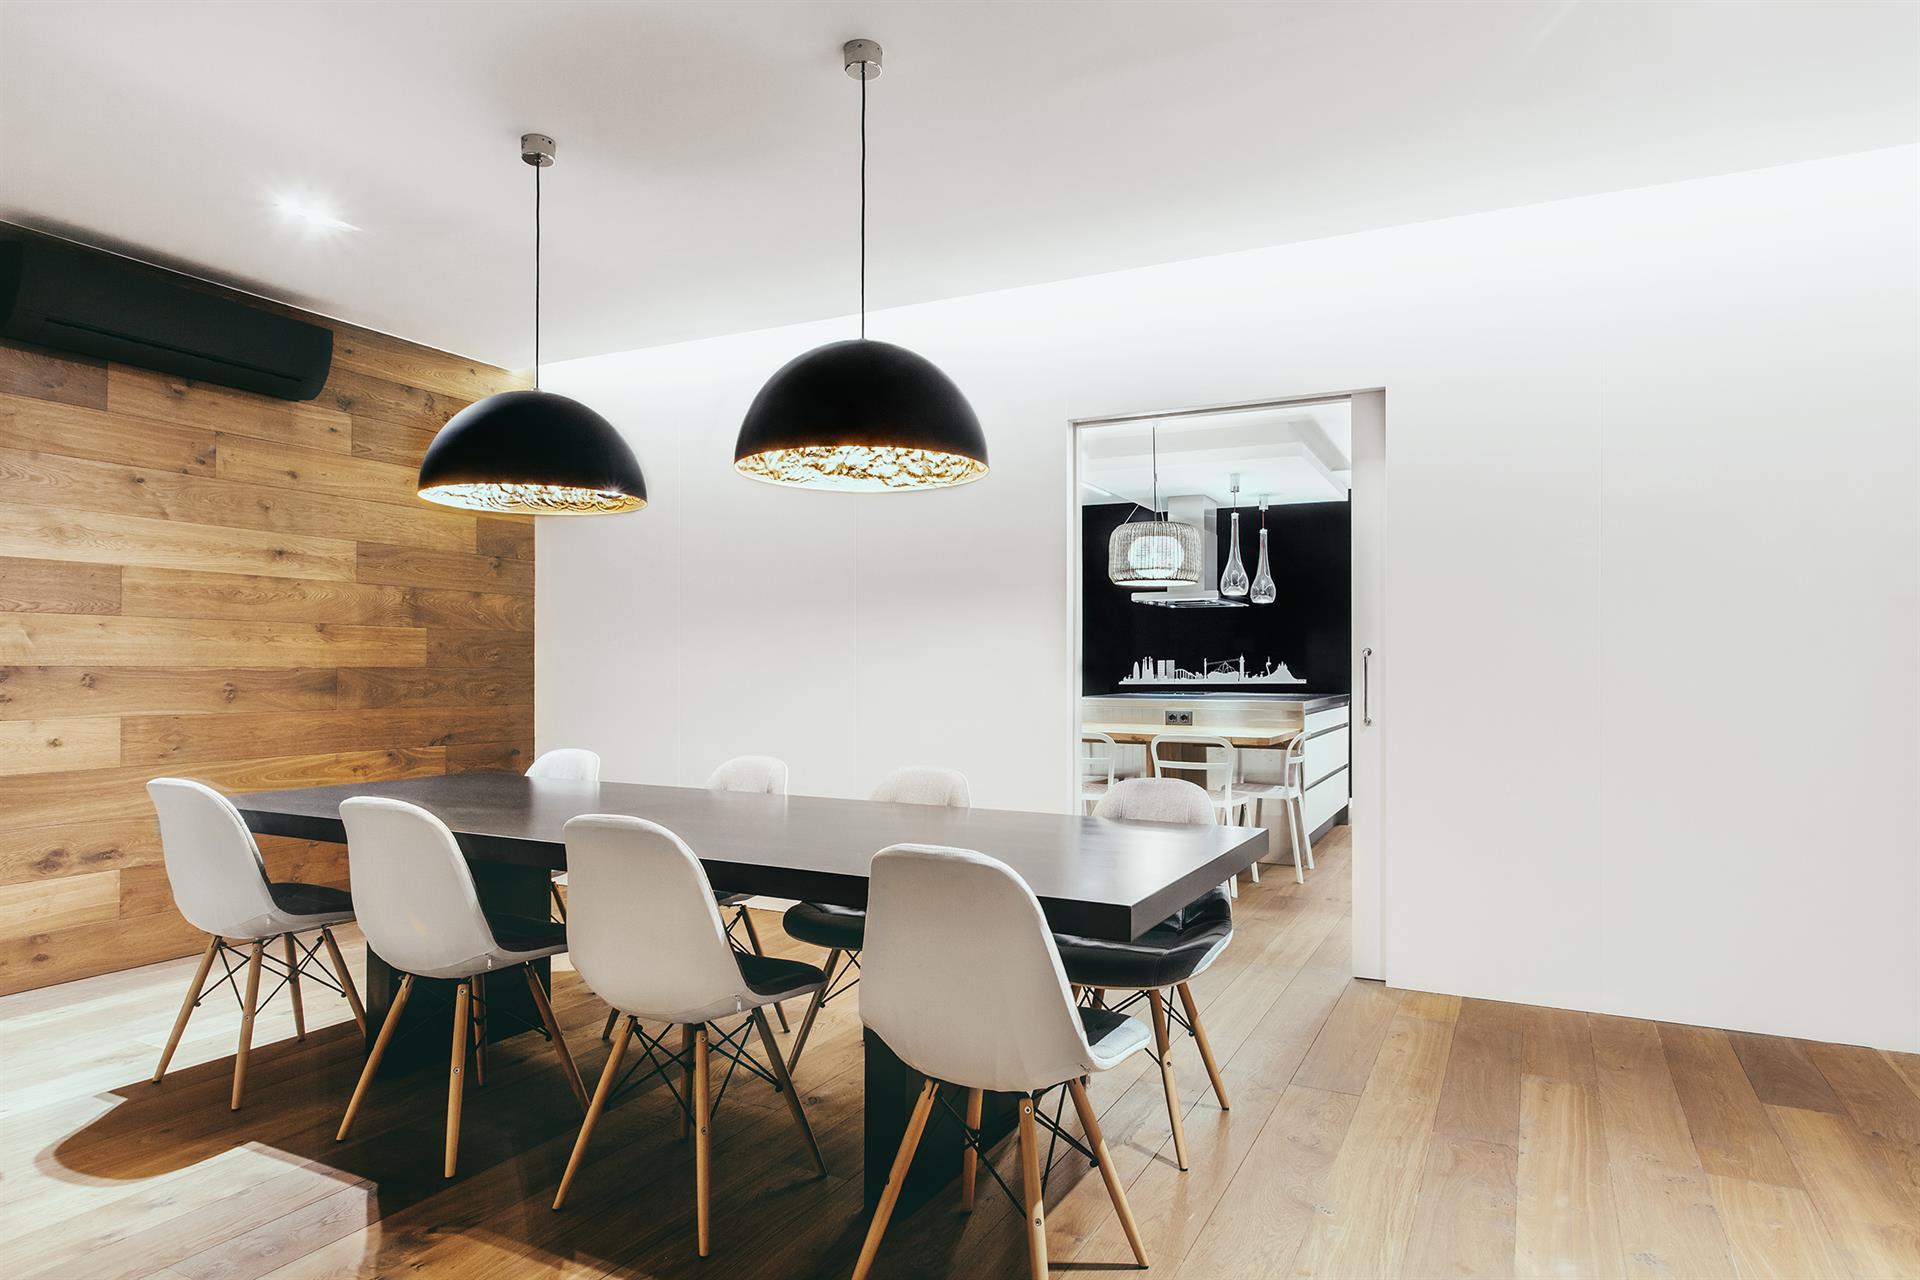 Lampade a sospensione arredano un appartamento di design in spagna